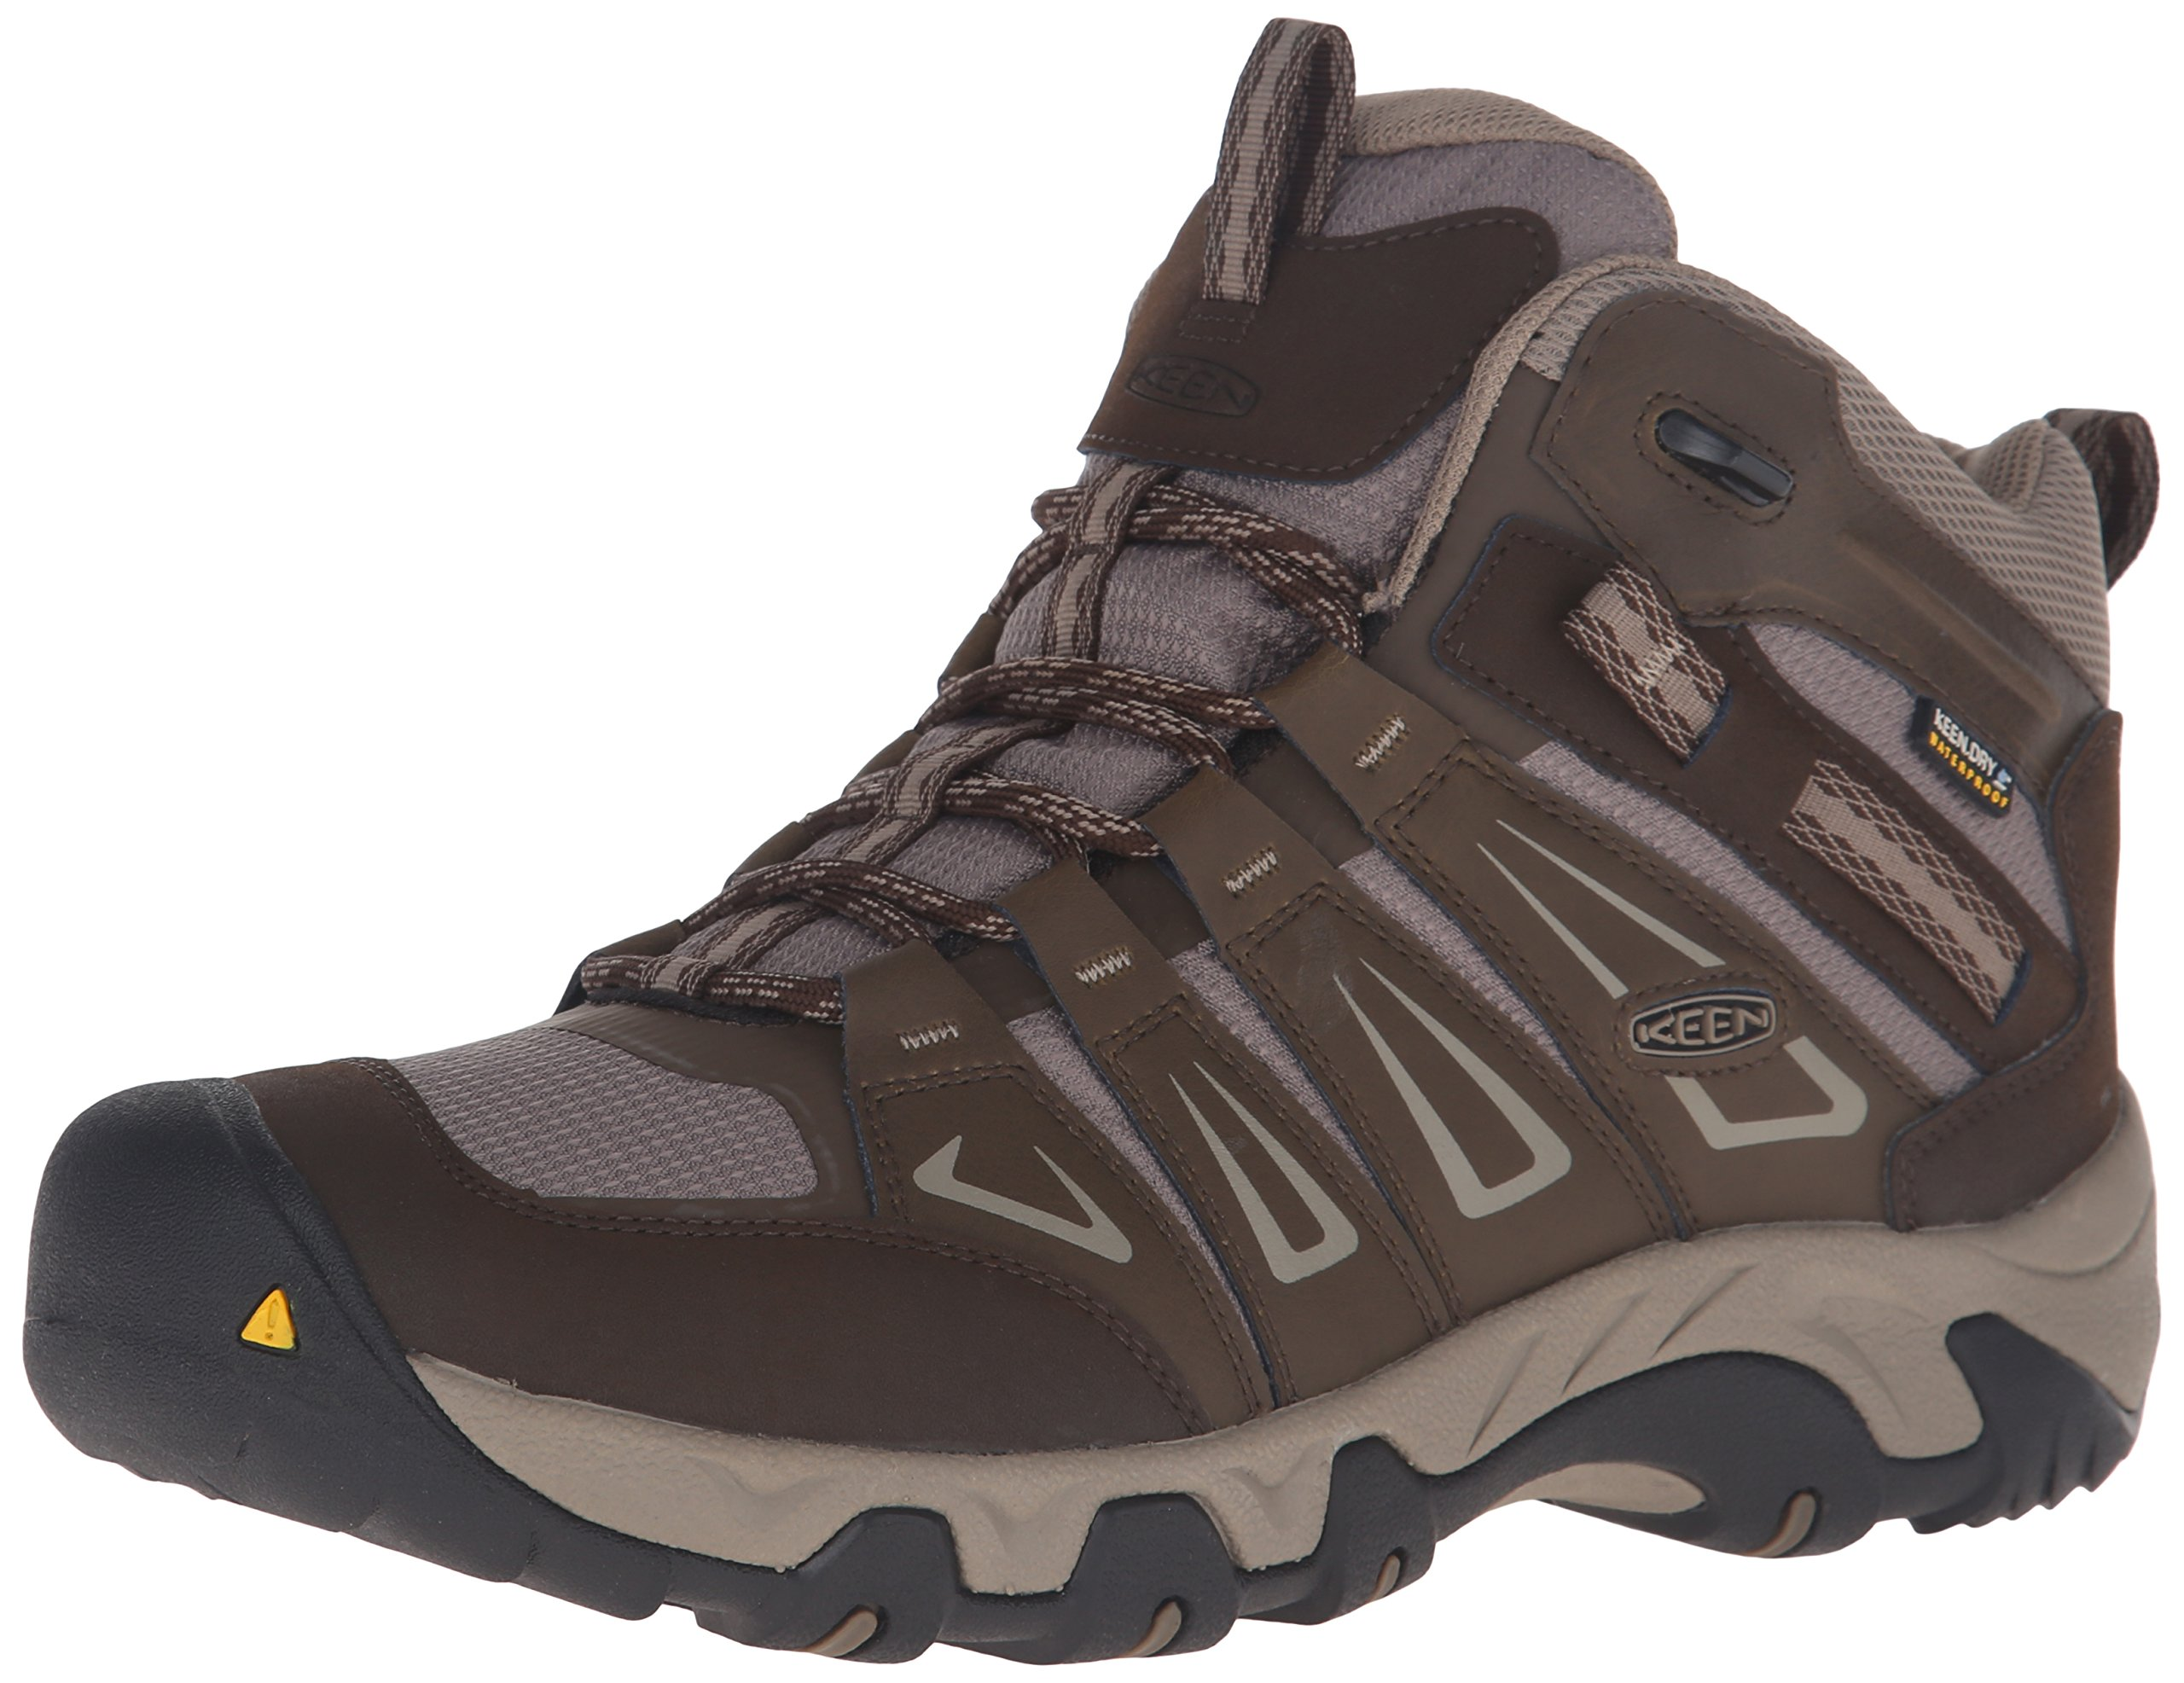 KEEN Men's Oakridge Mid Waterproof Shoe, Cascade/Brindle, 12 M US